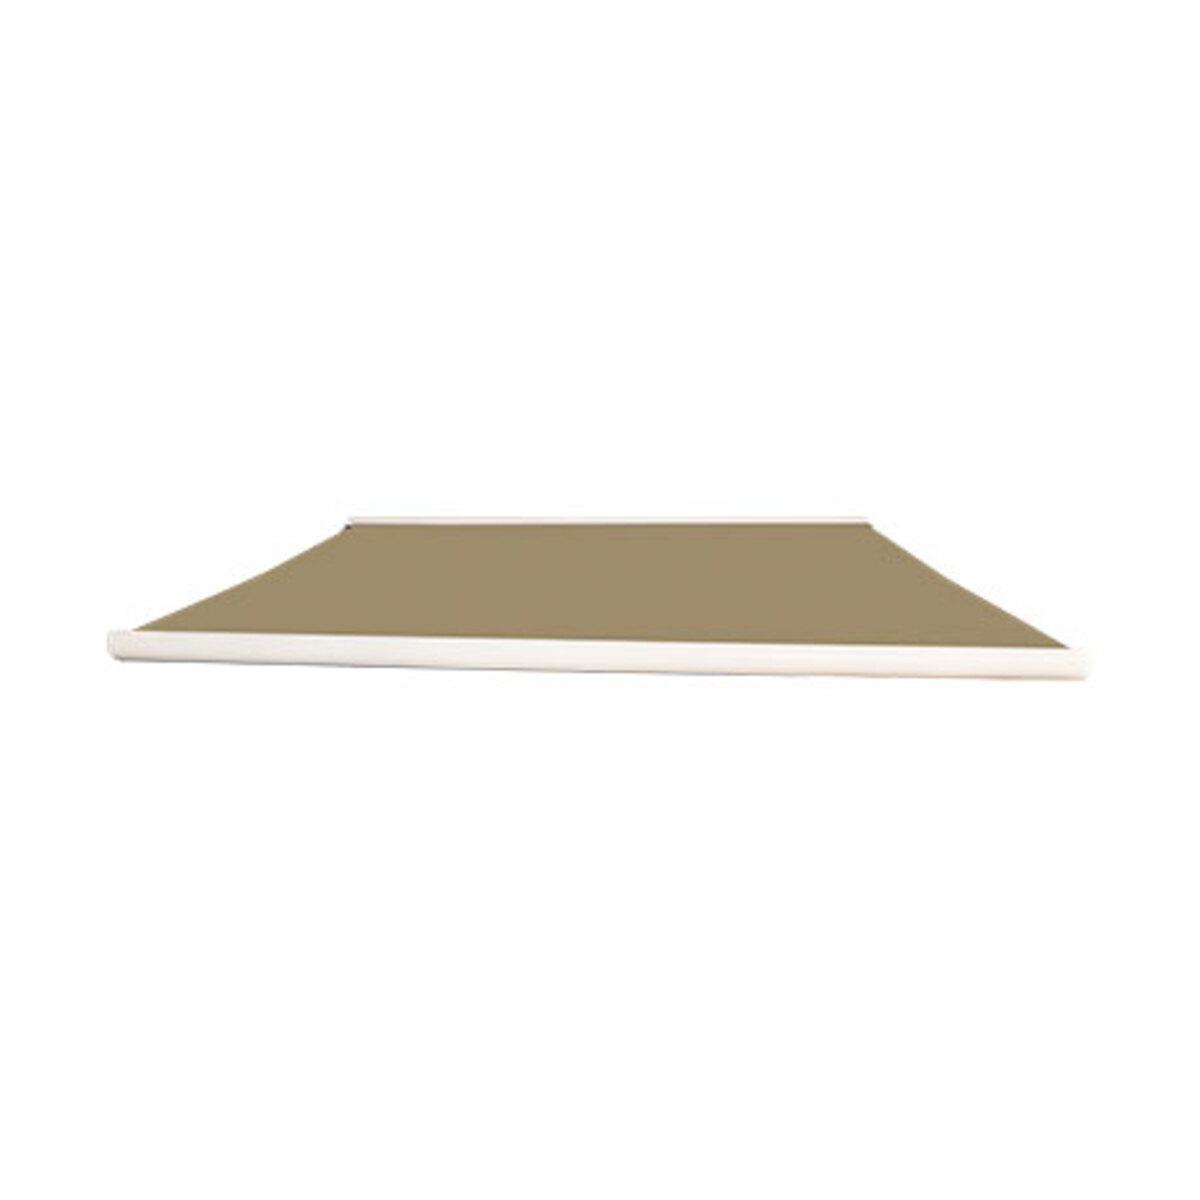 Bild 3 von LED-Vollkassettenmarkise 350x250 cm, sandfarben1